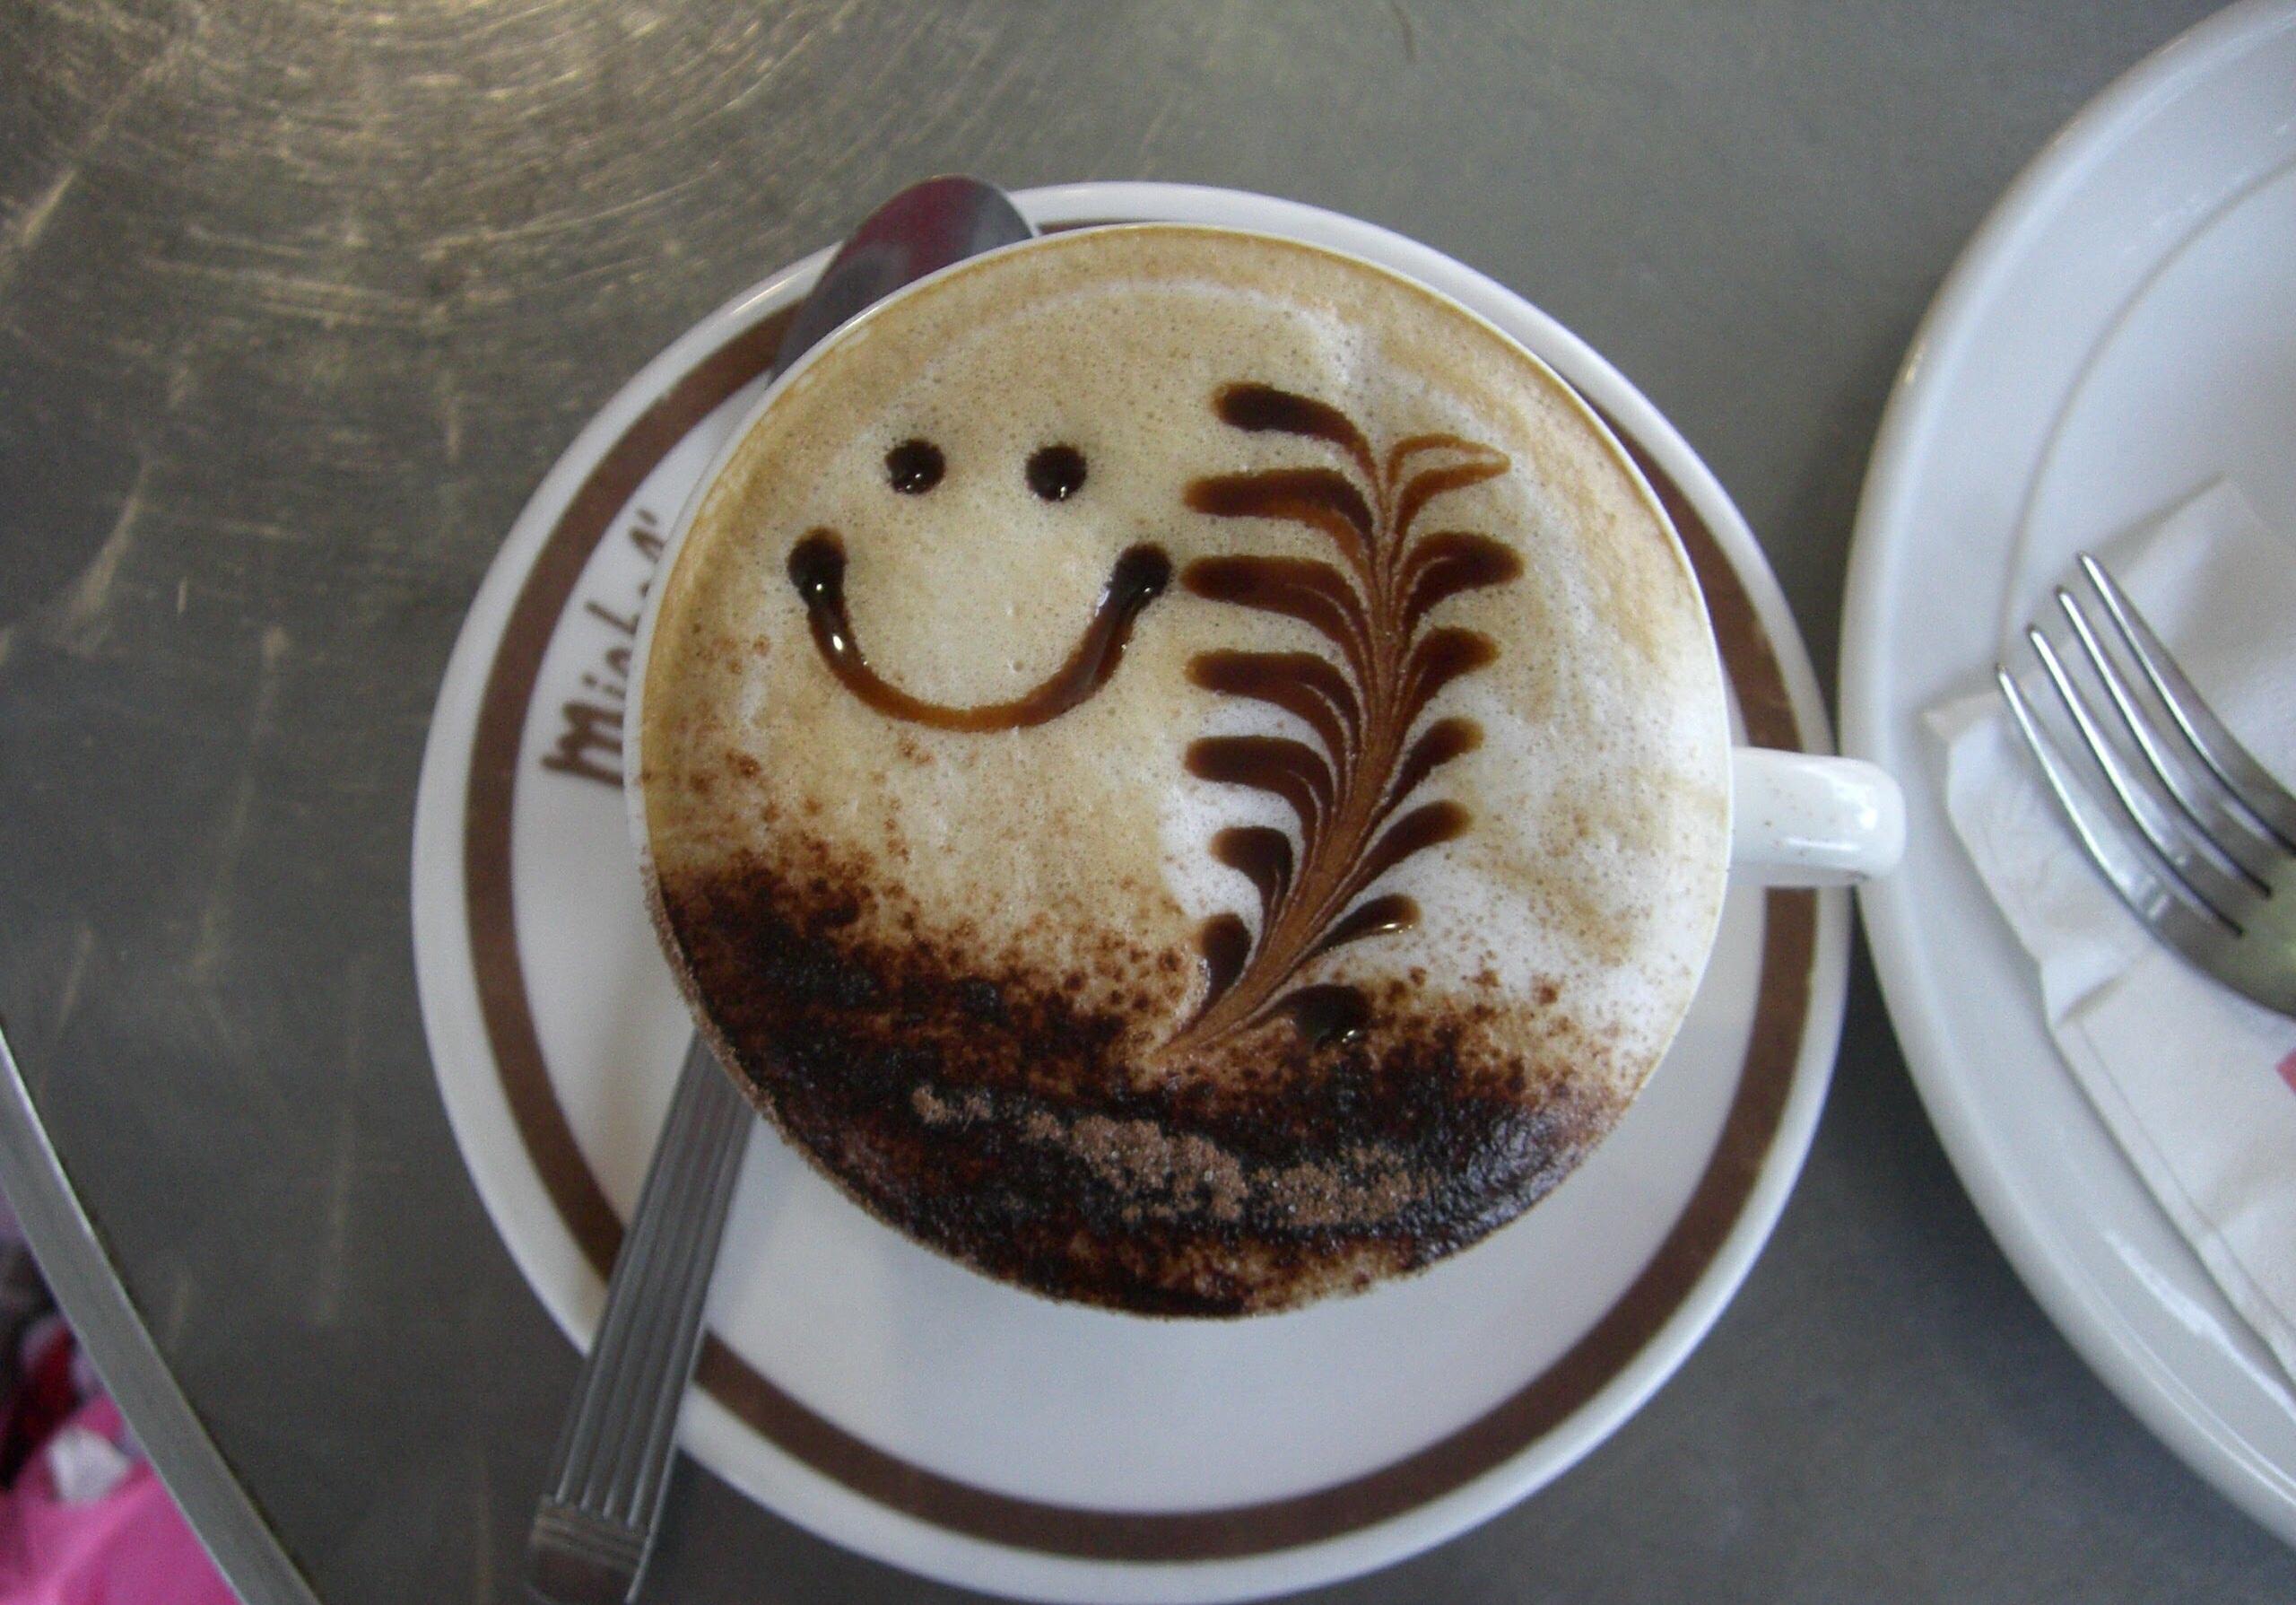 コーヒーの種類を把握してオーストラリアのカフェ文化を楽しもう